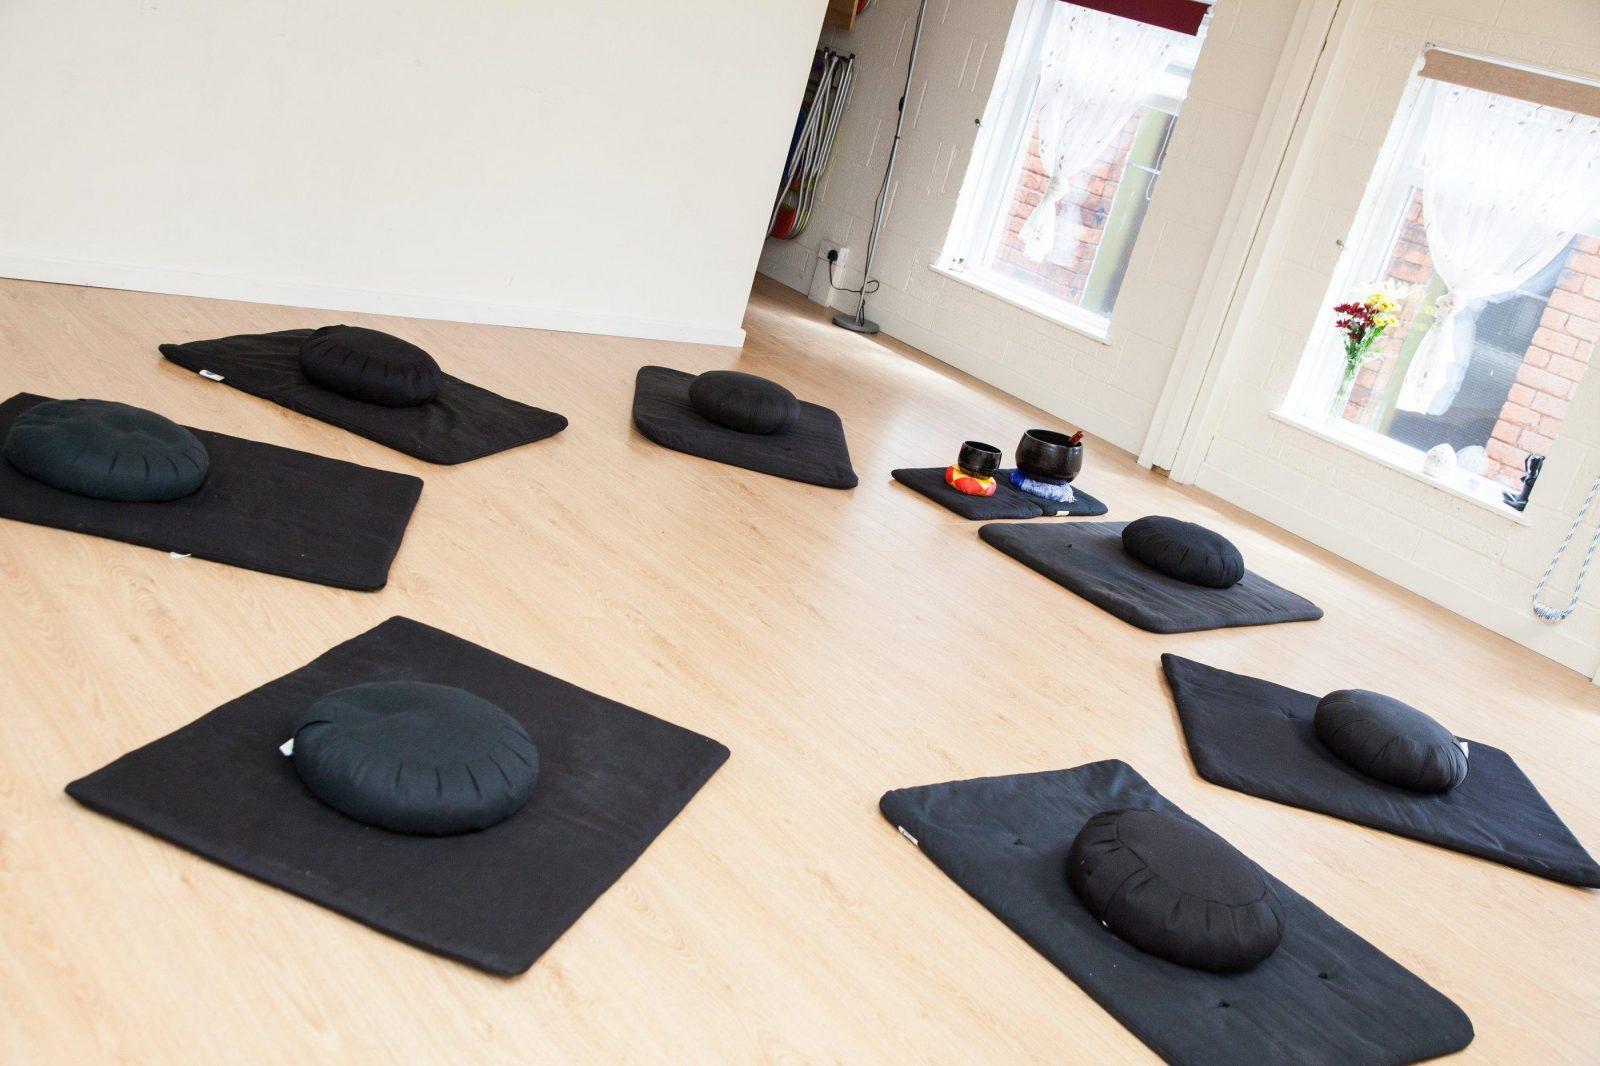 Meditation Mats In Circle